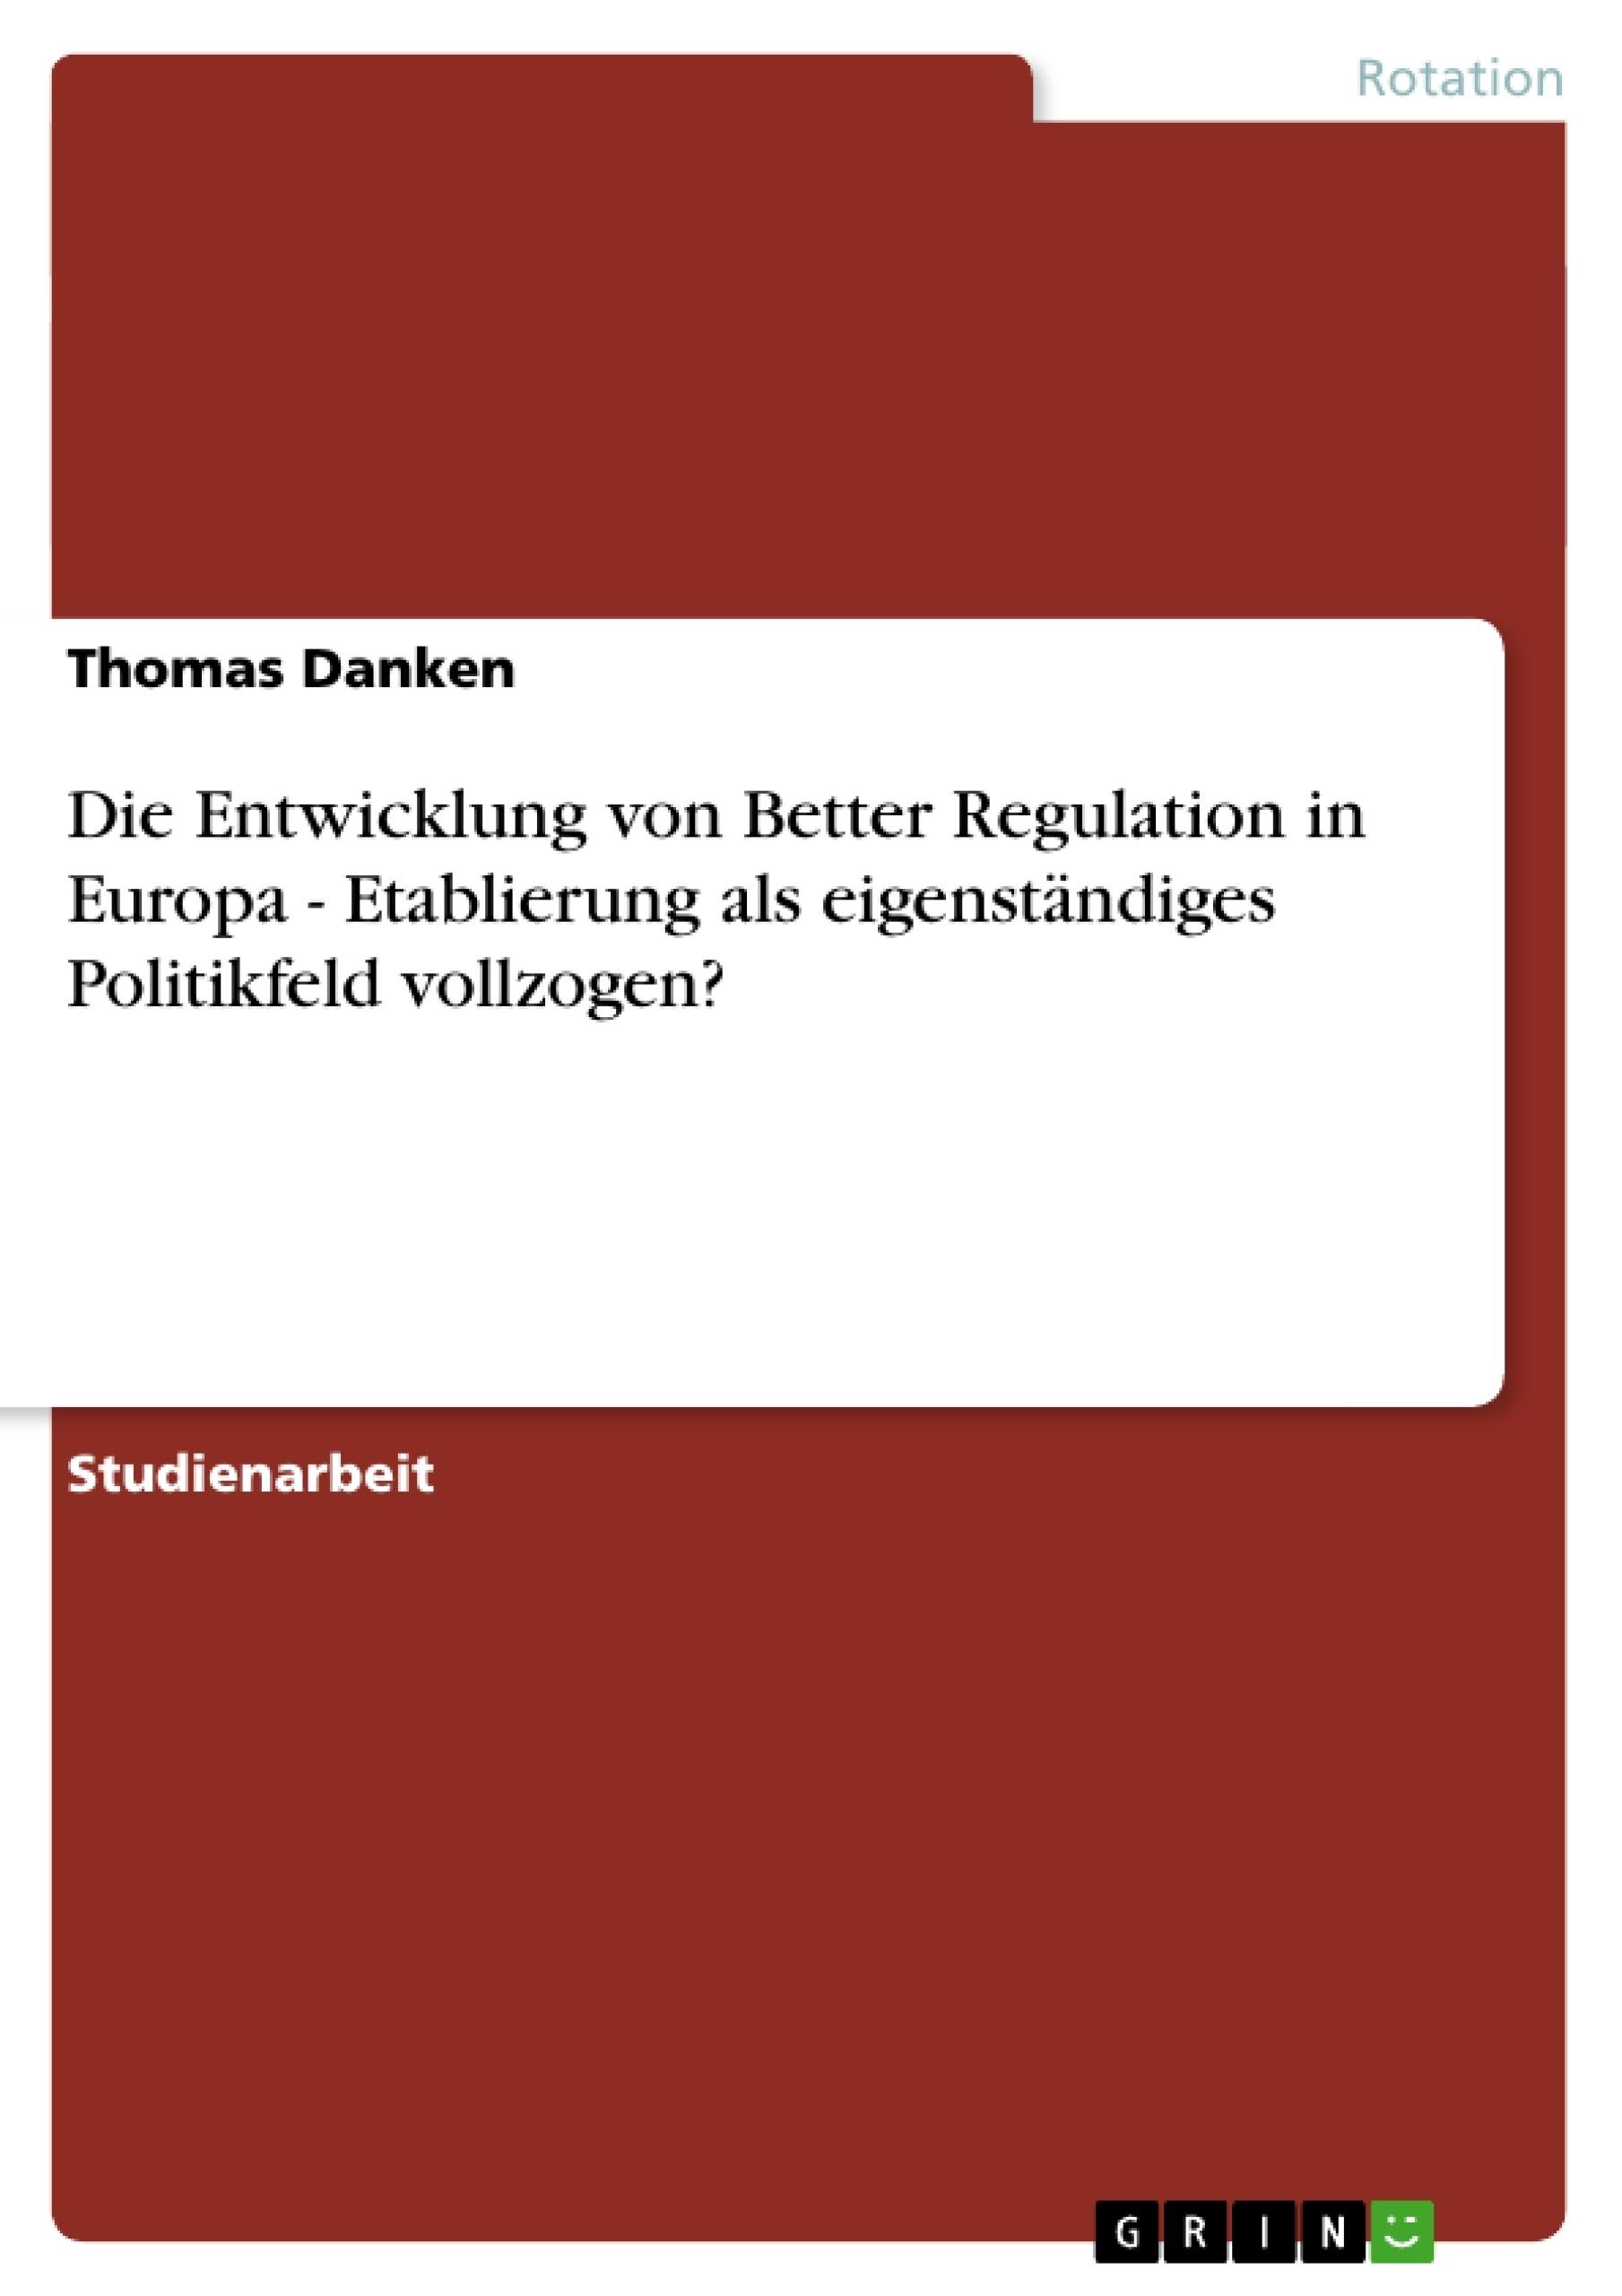 Titel: Die Entwicklung von Better Regulation in Europa - Etablierung als eigenständiges Politikfeld vollzogen?